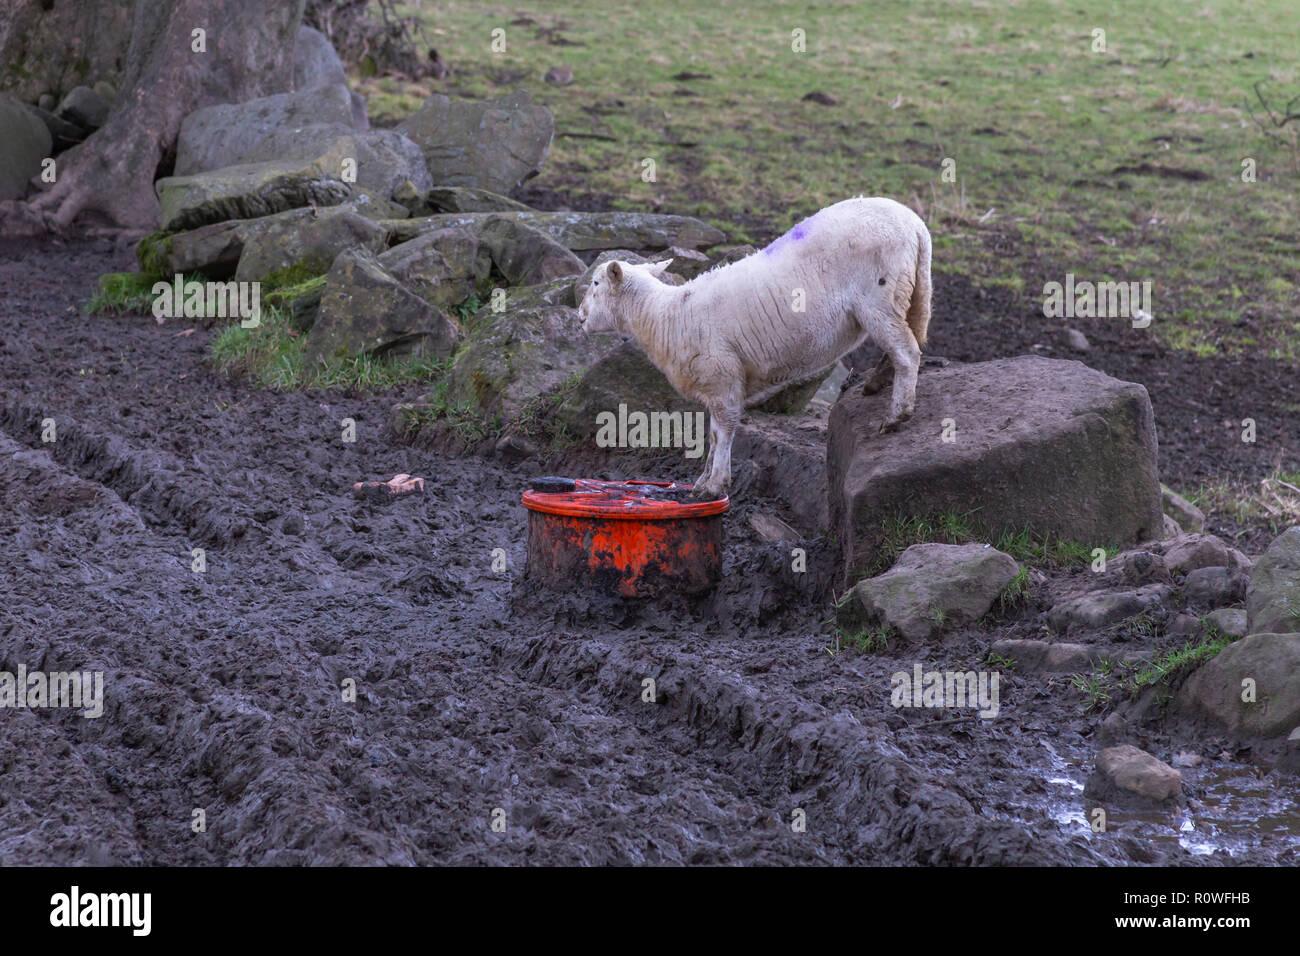 Une seule brebis en hiver d'éléments nutritifs liquides potable. Photo Stock